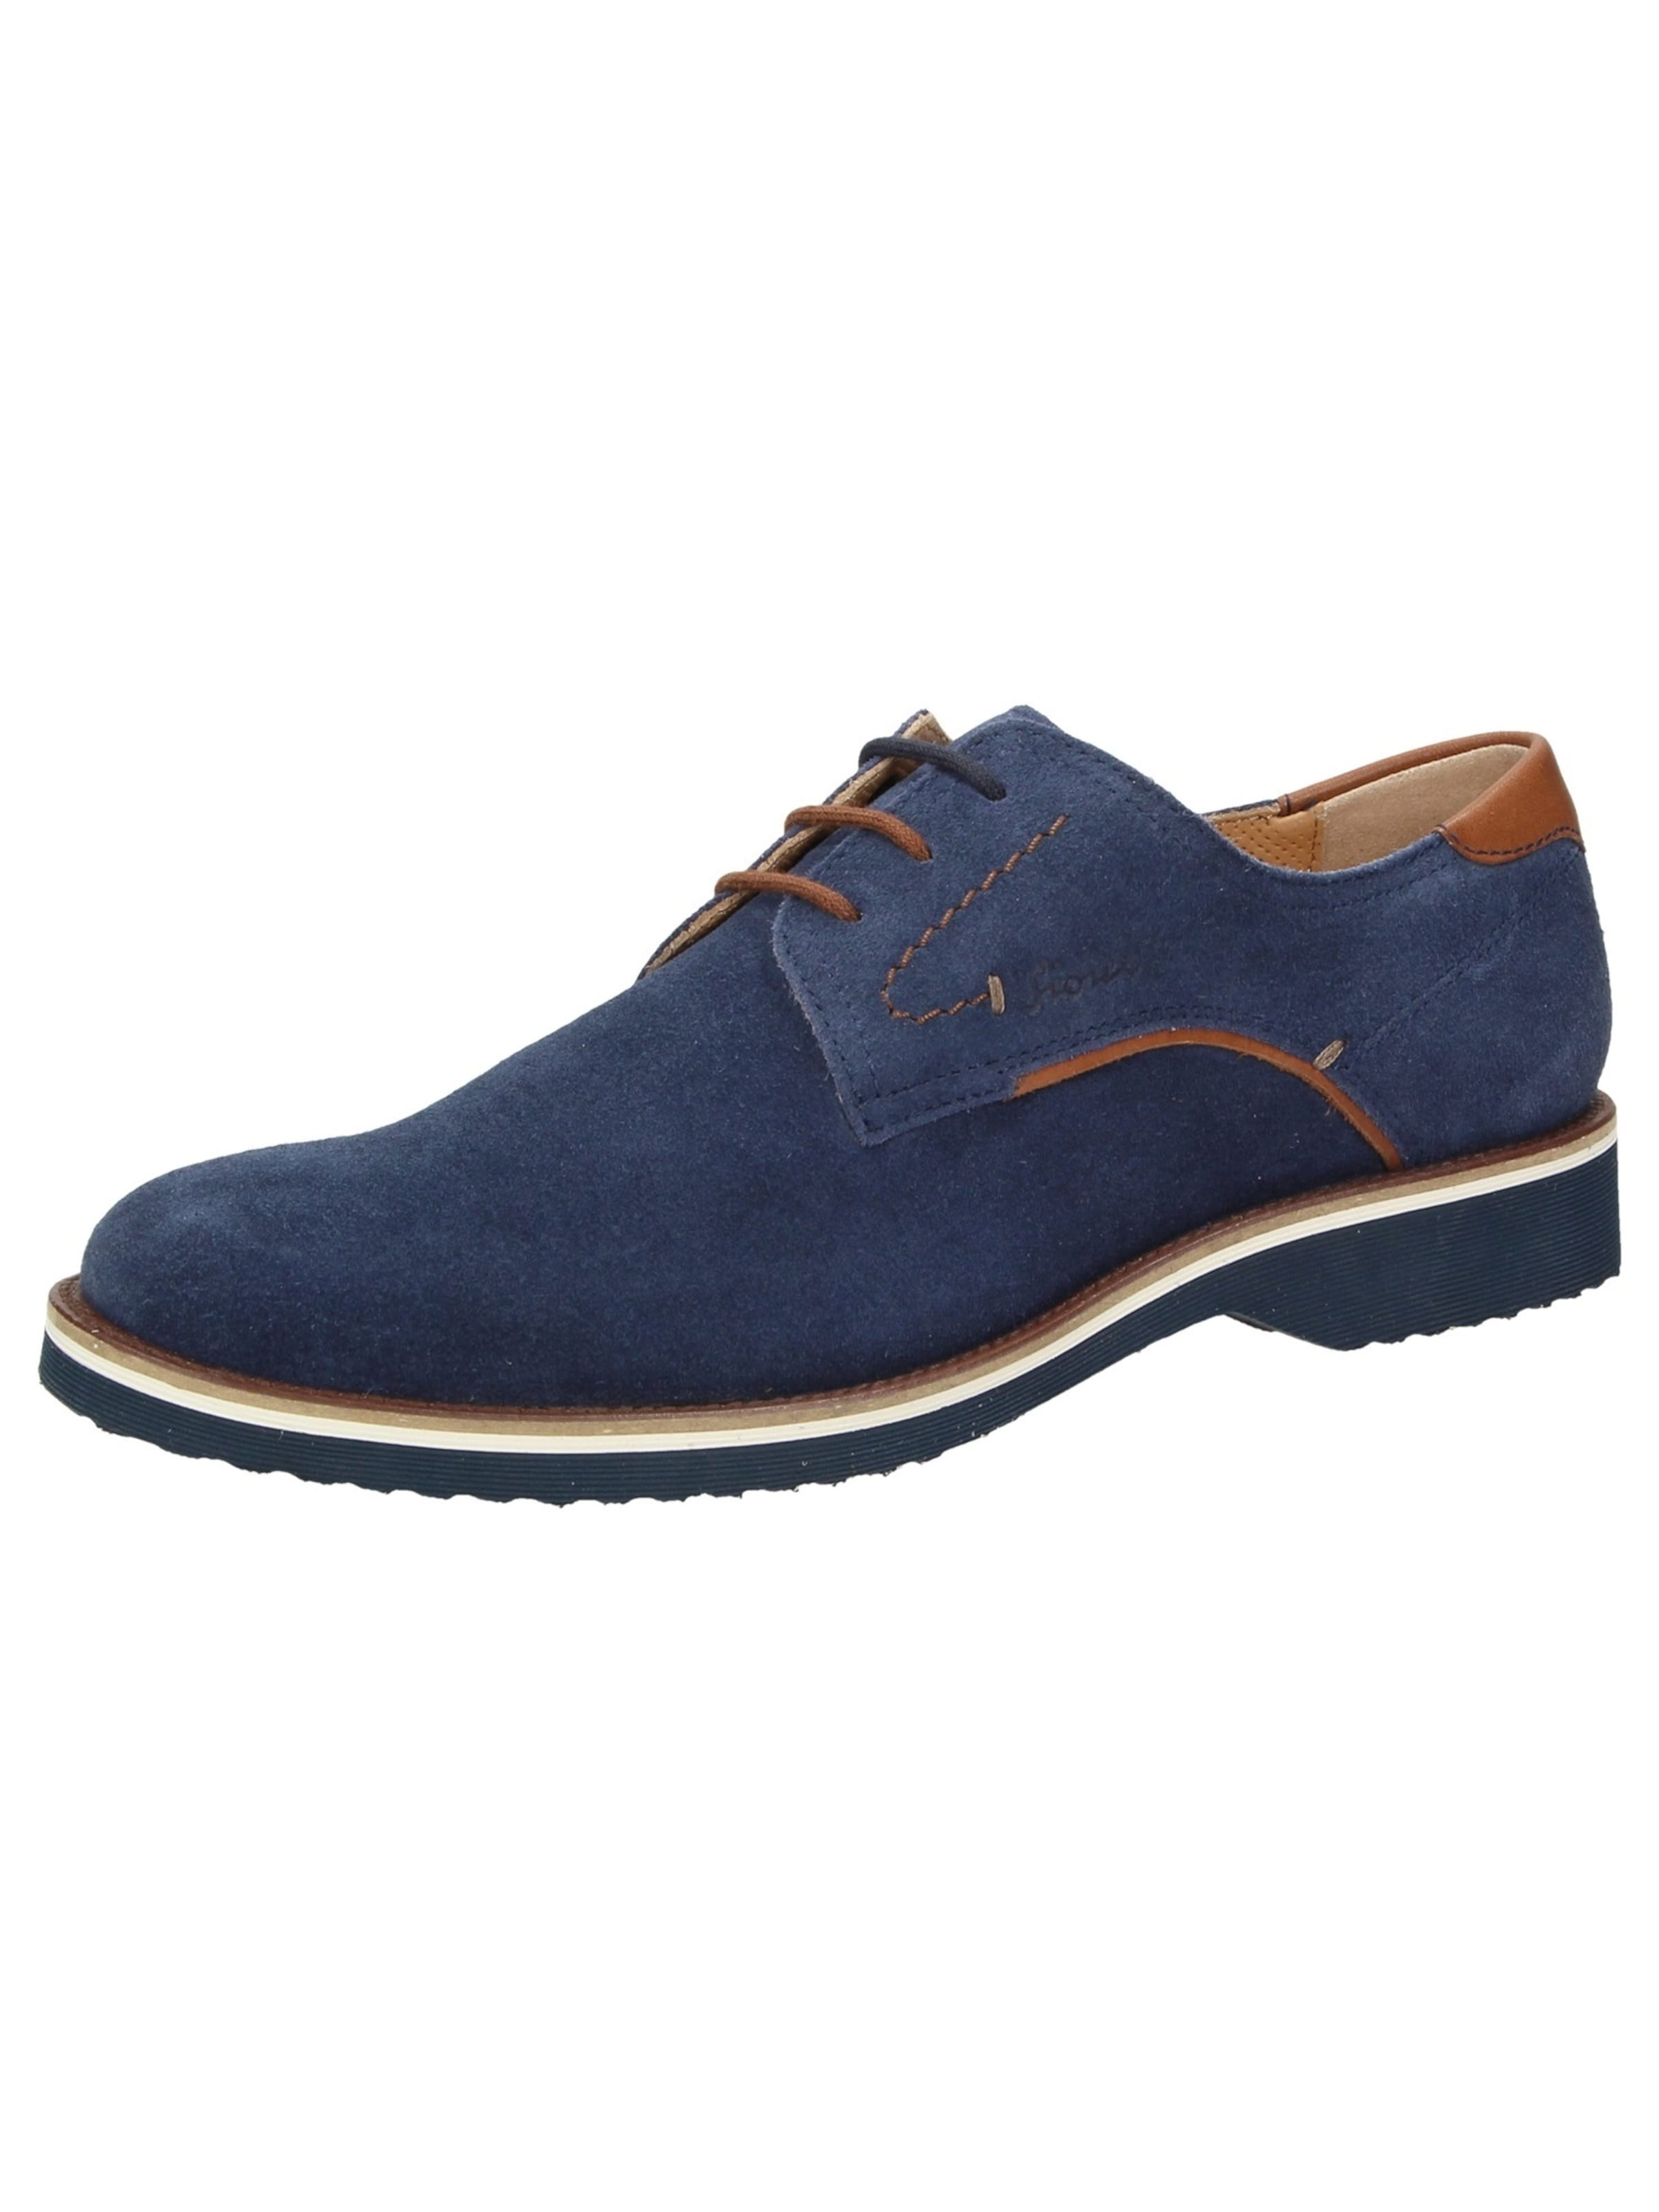 Haltbare Mode billige Schuhe SIOUX | getragene Schnürschuh 'Eniz' Schuhe Gut getragene | Schuhe 4ba74d